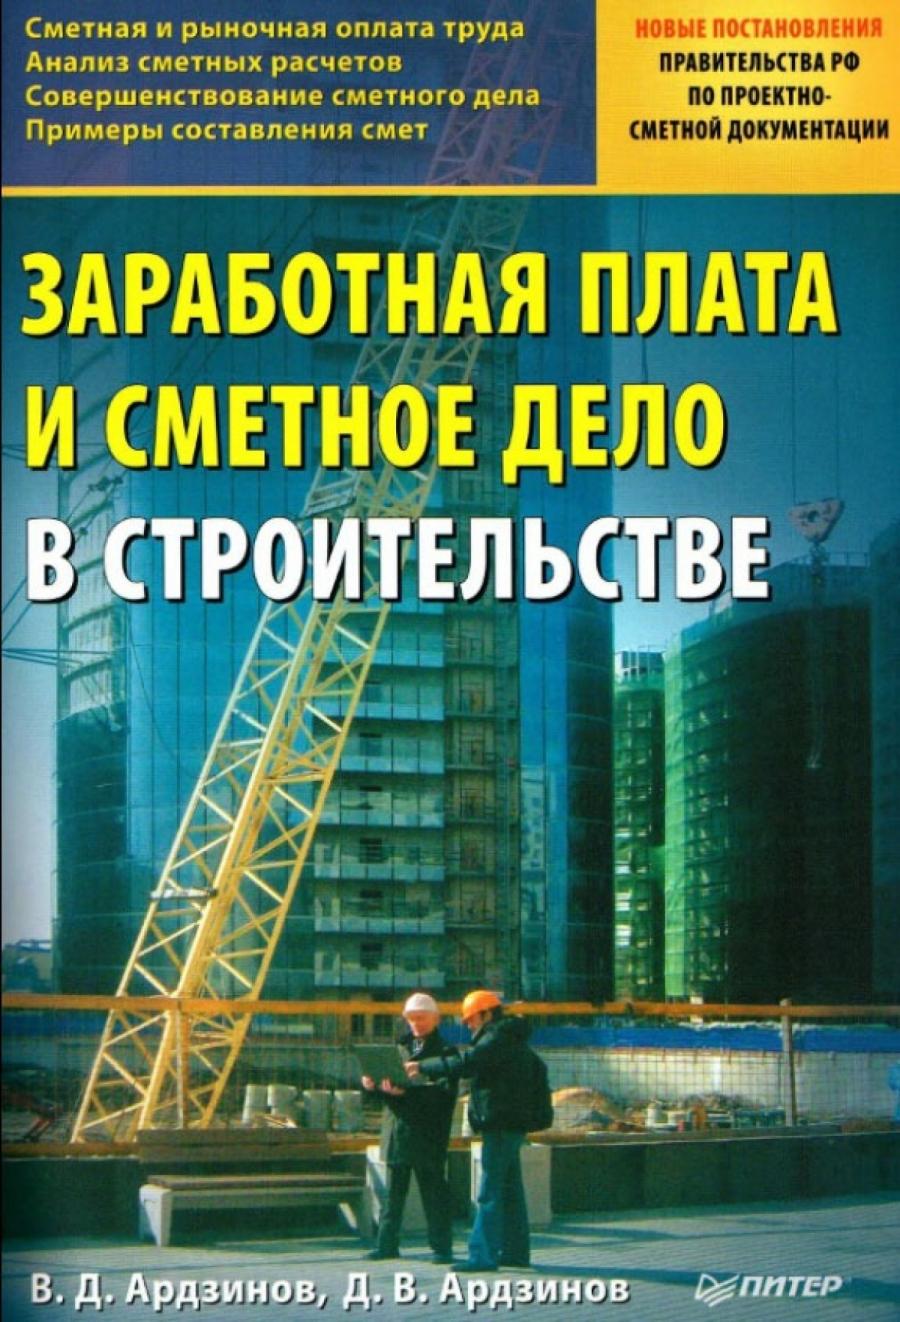 Обложка книги:  ардзинов в.д., ардзинов д.в. - заработная плата и сметное дело в строительстве